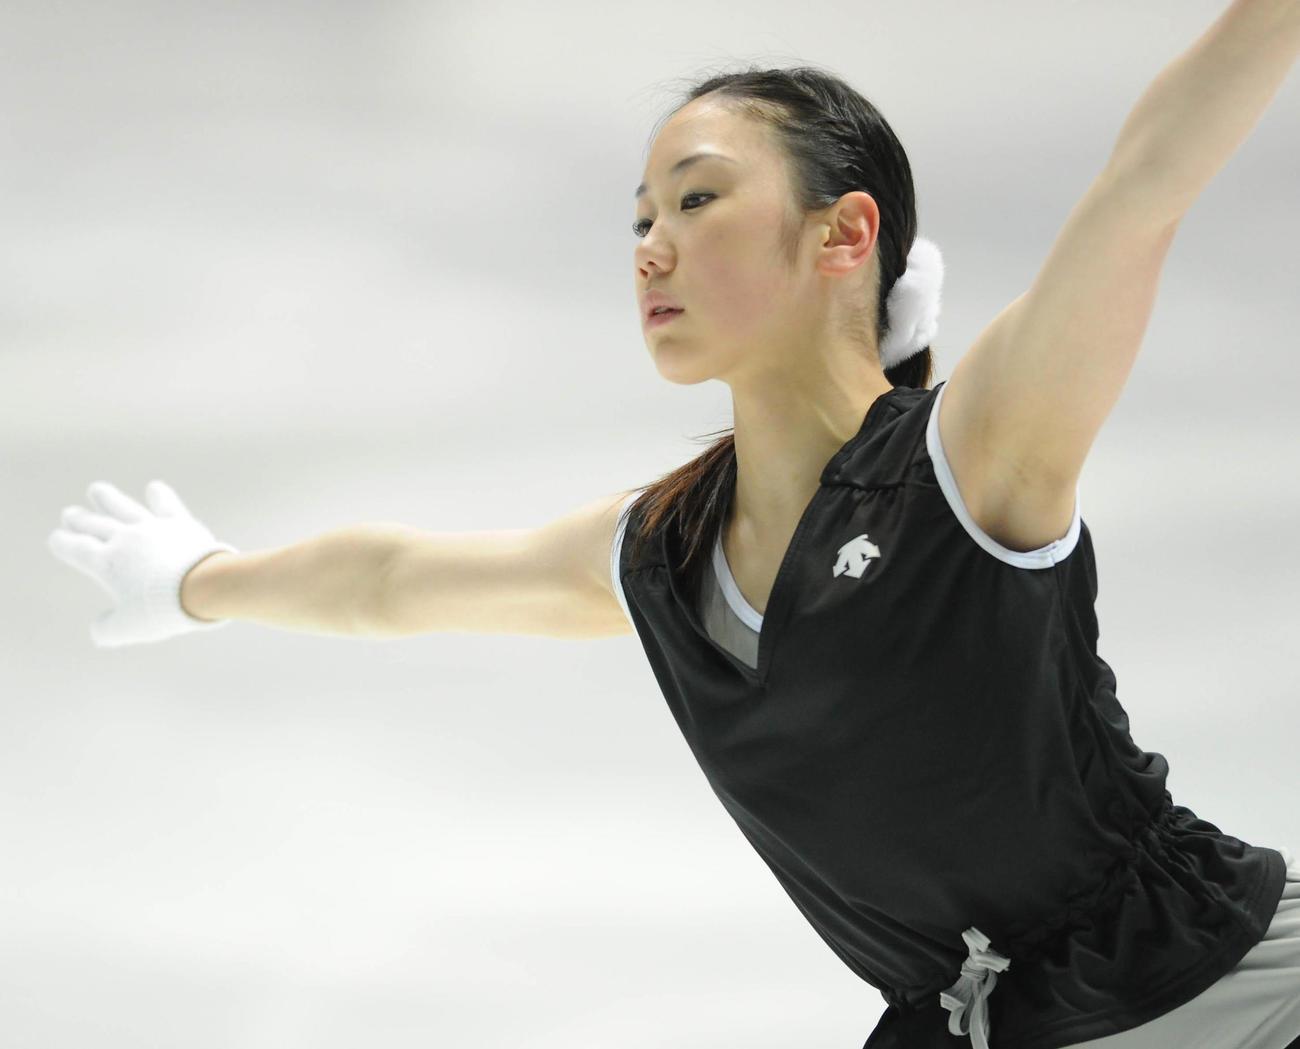 中野友加里(2009年12月25日撮影)